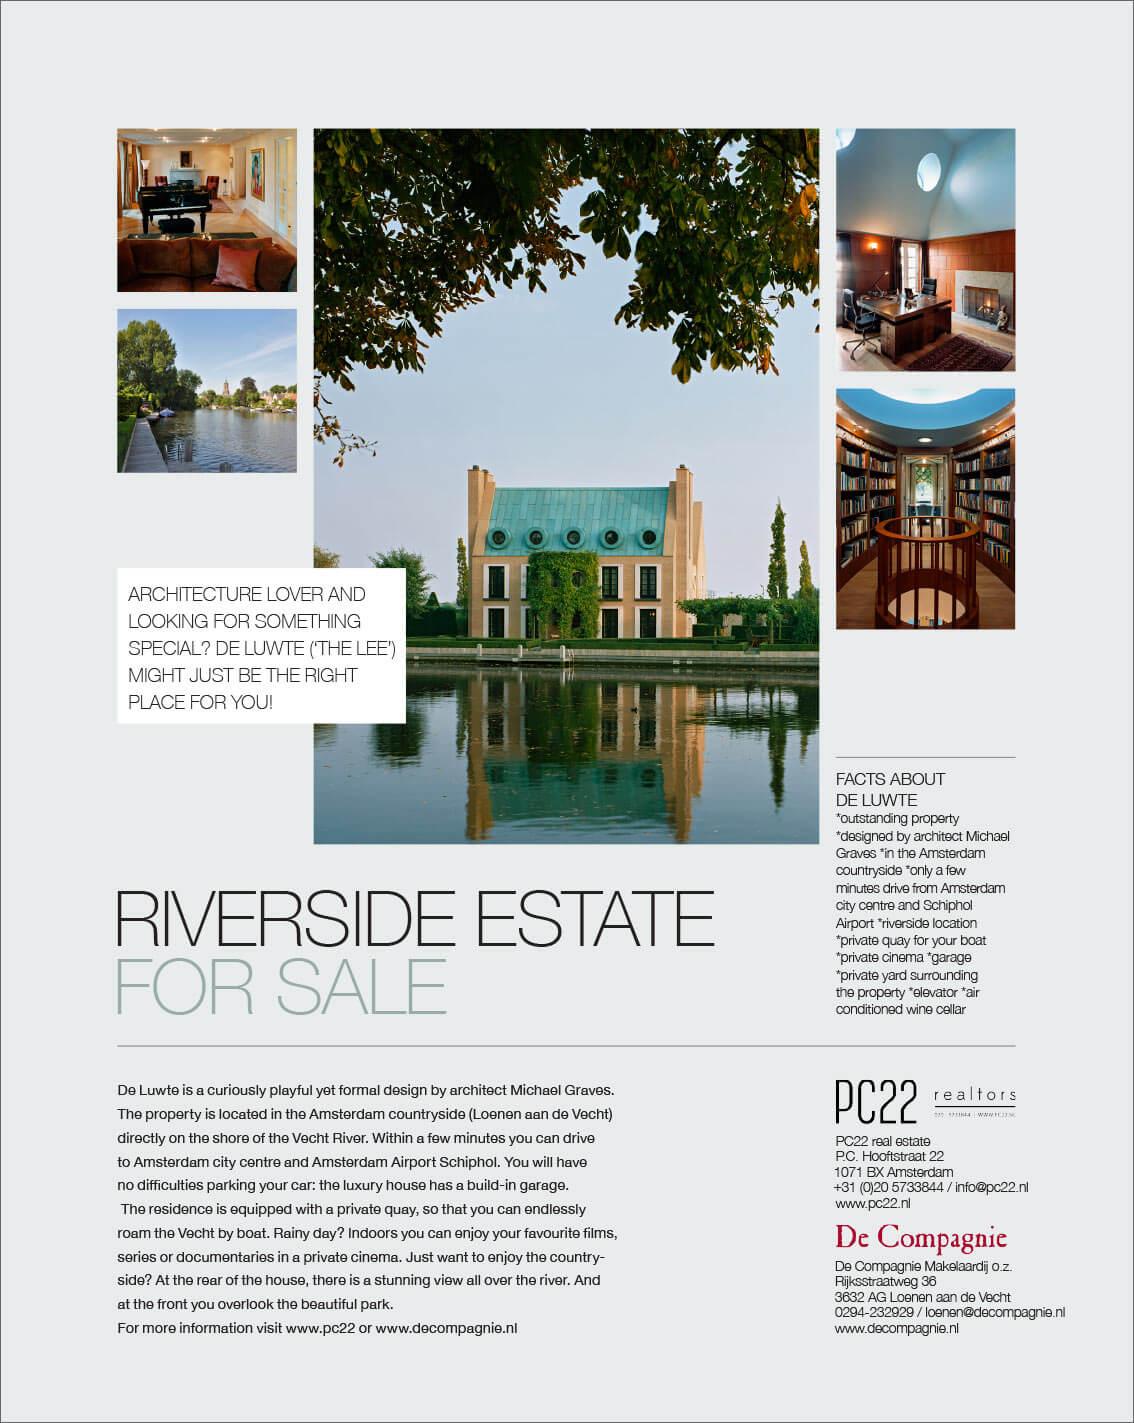 Riverside Estate For Sale,